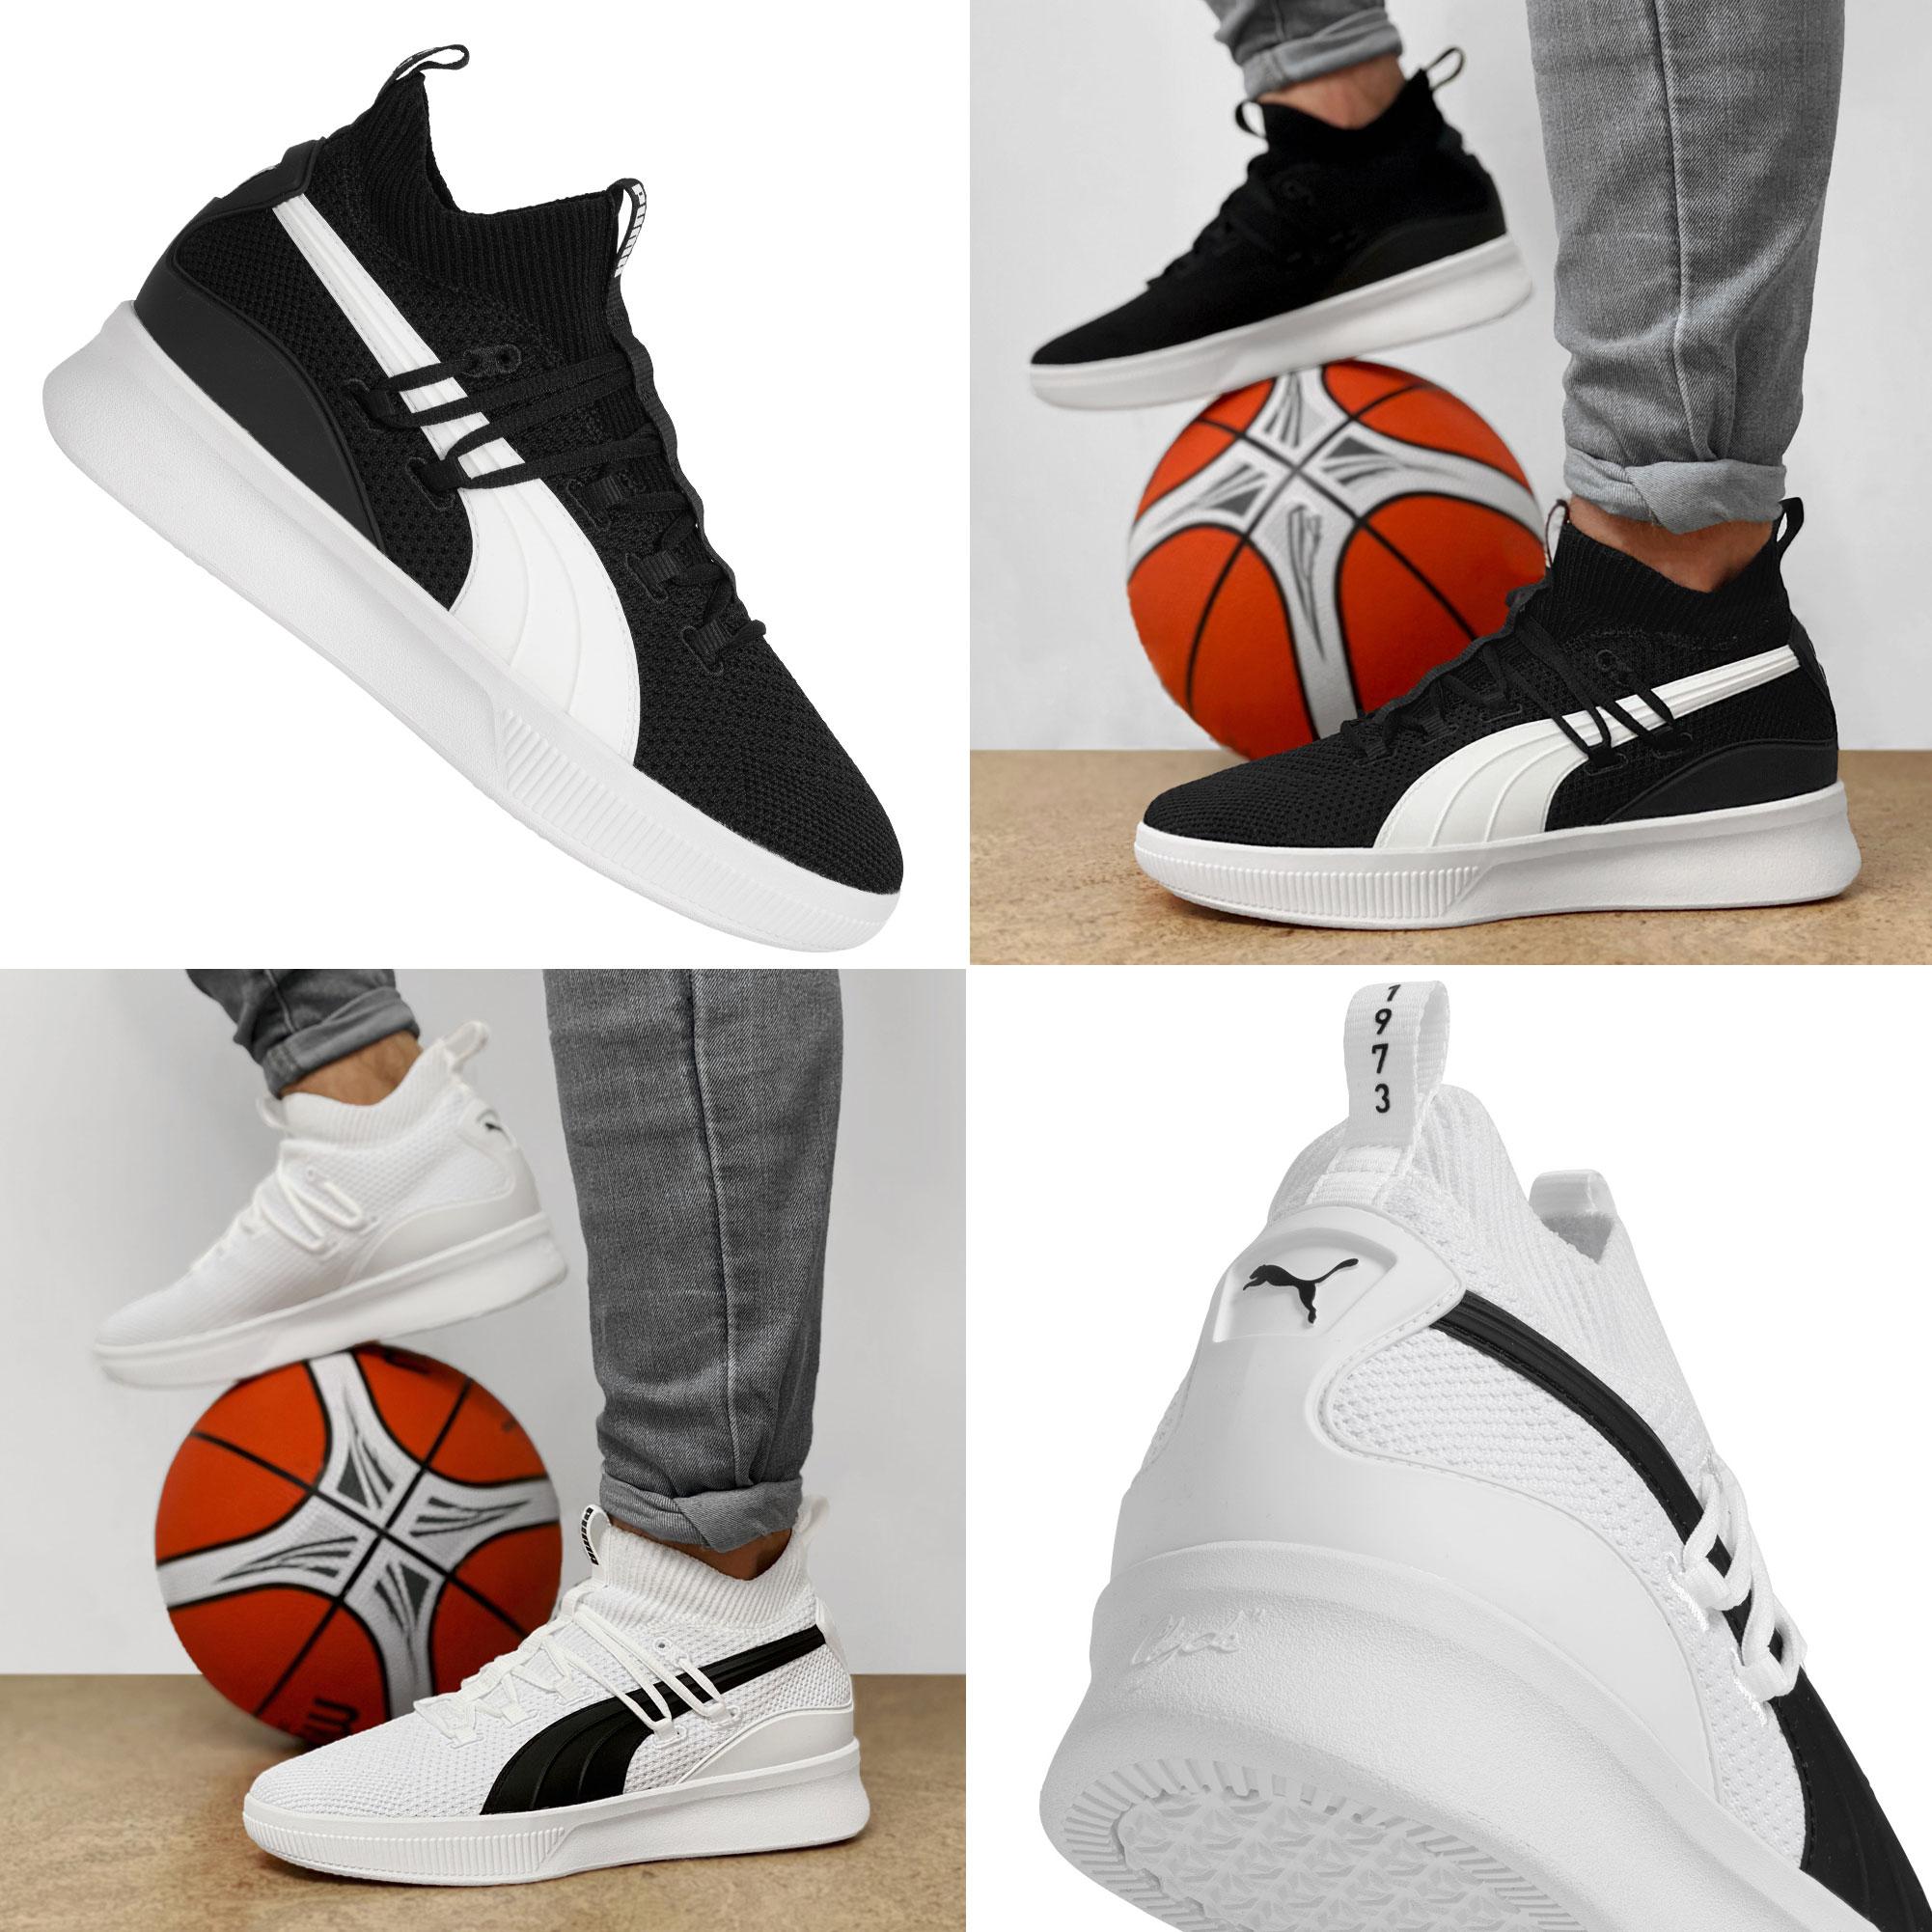 PUMA Clyde Court basketbalschoenen / sneakers @ Sport-Korting